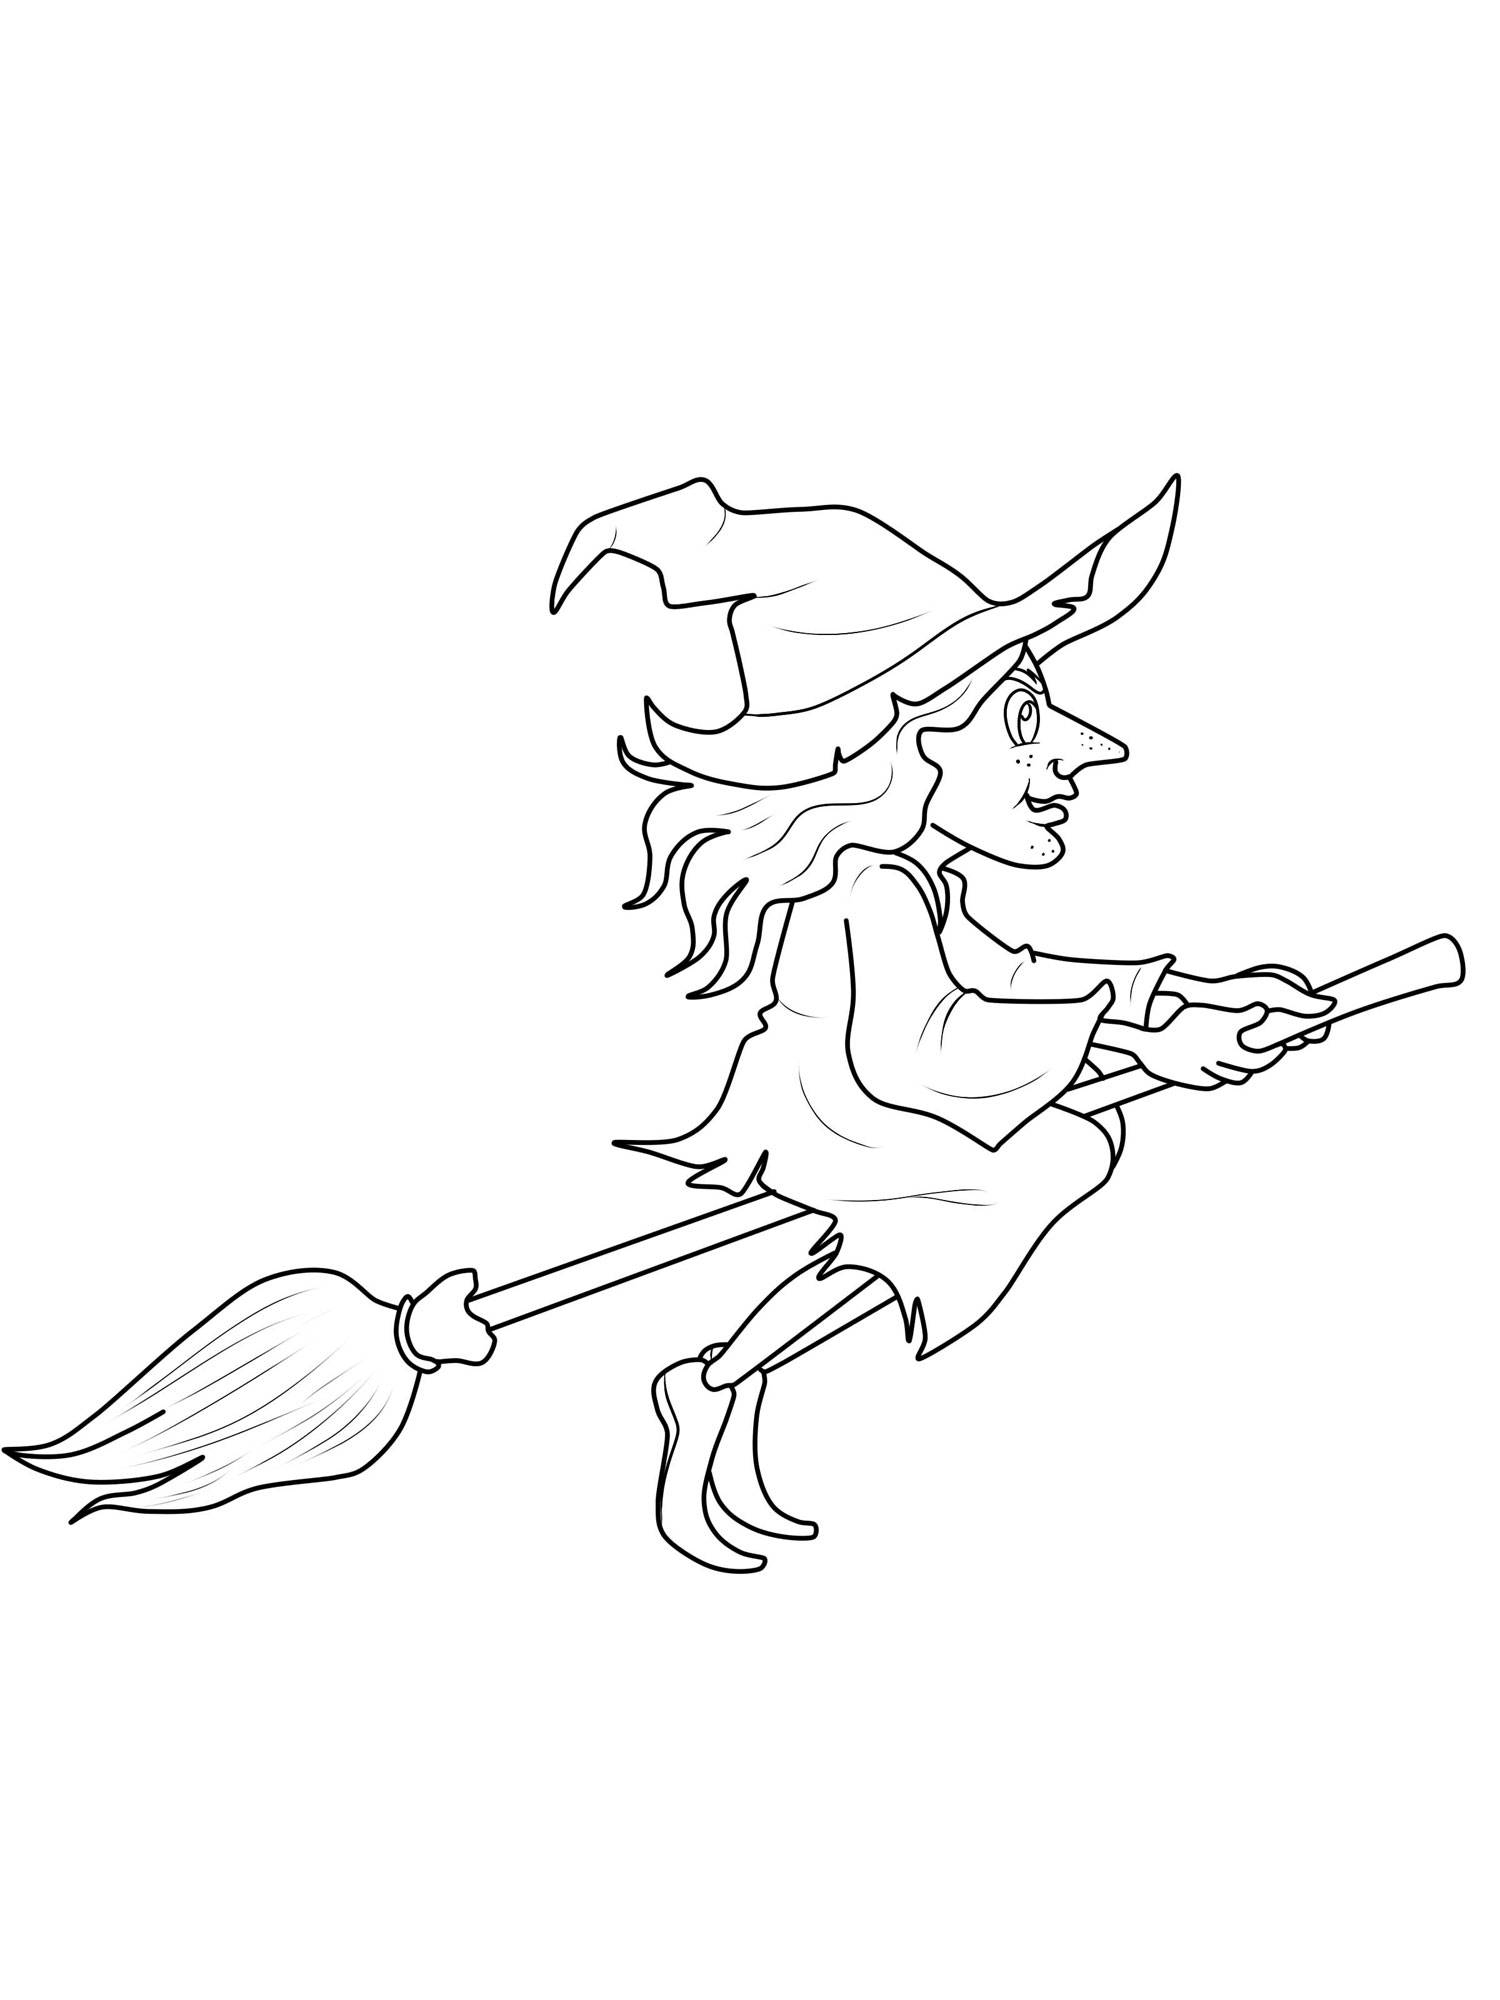 Kostenlose Malvorlage Halloween: Hexe Auf Dem Hexenbesen Zum bestimmt für Bastelvorlage Hexe